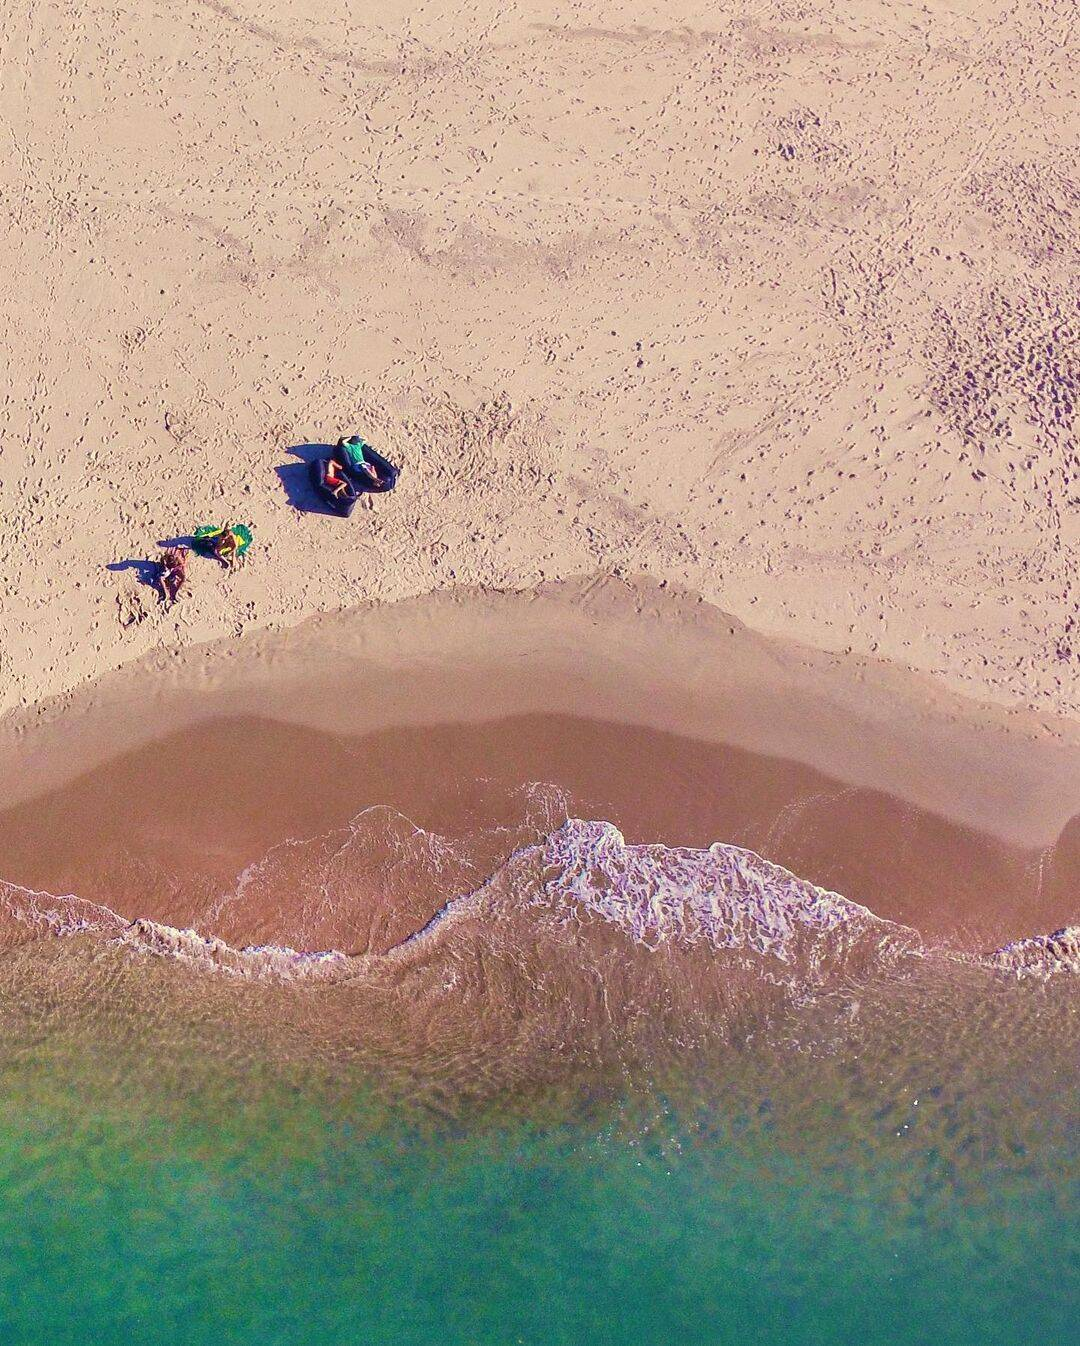 Para Felipe, tranquilidade e isolamento definem a Ilha dos Porcos. Foto: Instagram/@goabilio